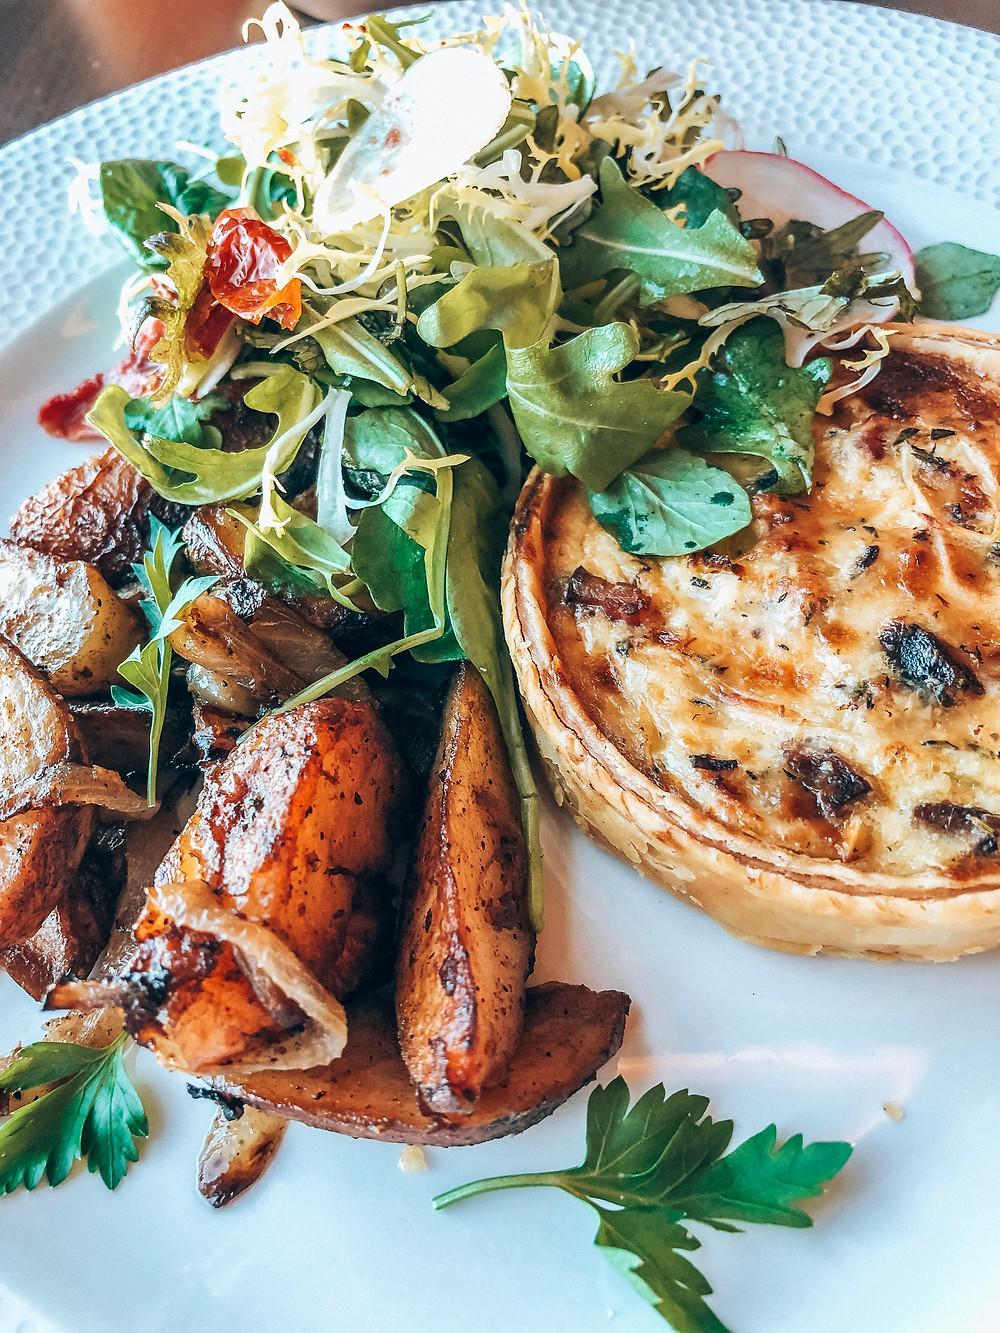 Food at Topolino's Terrace at Disney's Riviera Resort - quiche gruyere